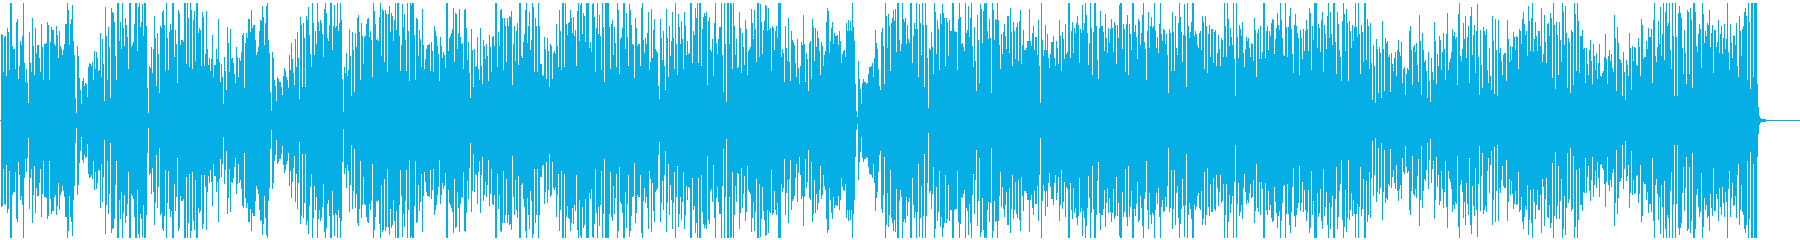 ピアノ名曲 ラグタイムで二番目に有名な曲の再生済みの波形